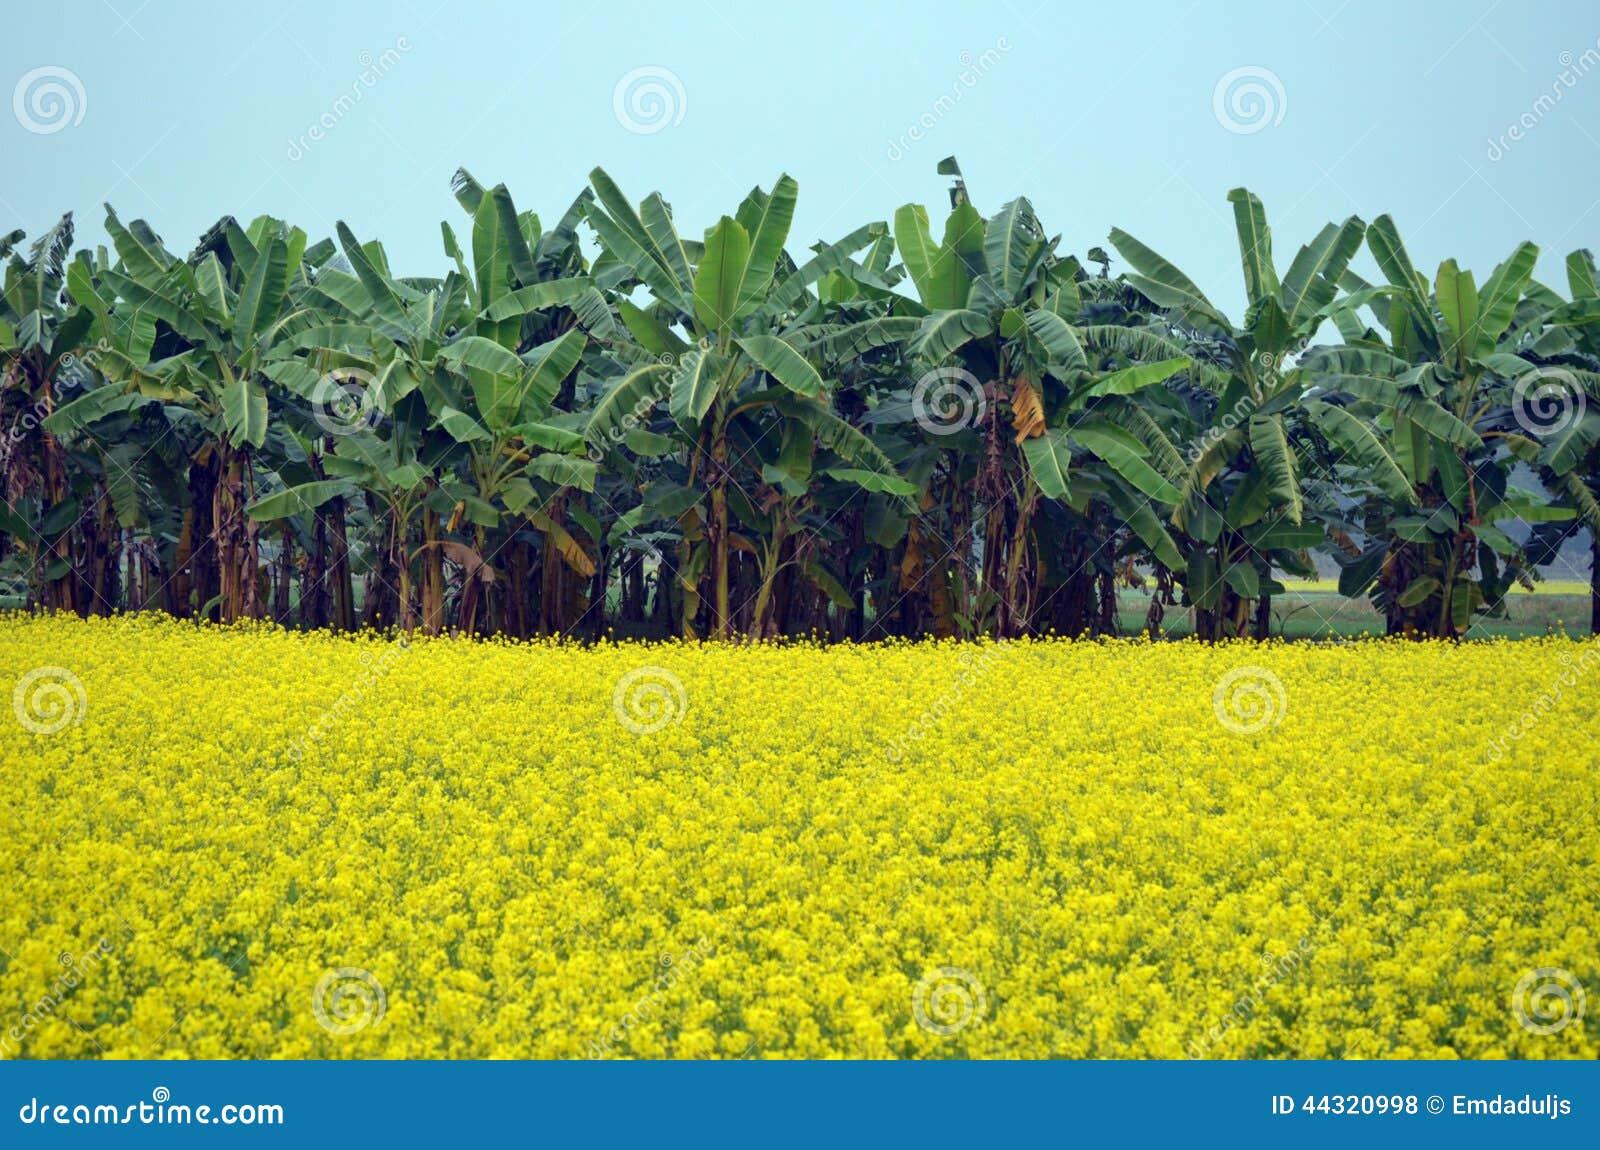 как выглядит банановое дерево фото